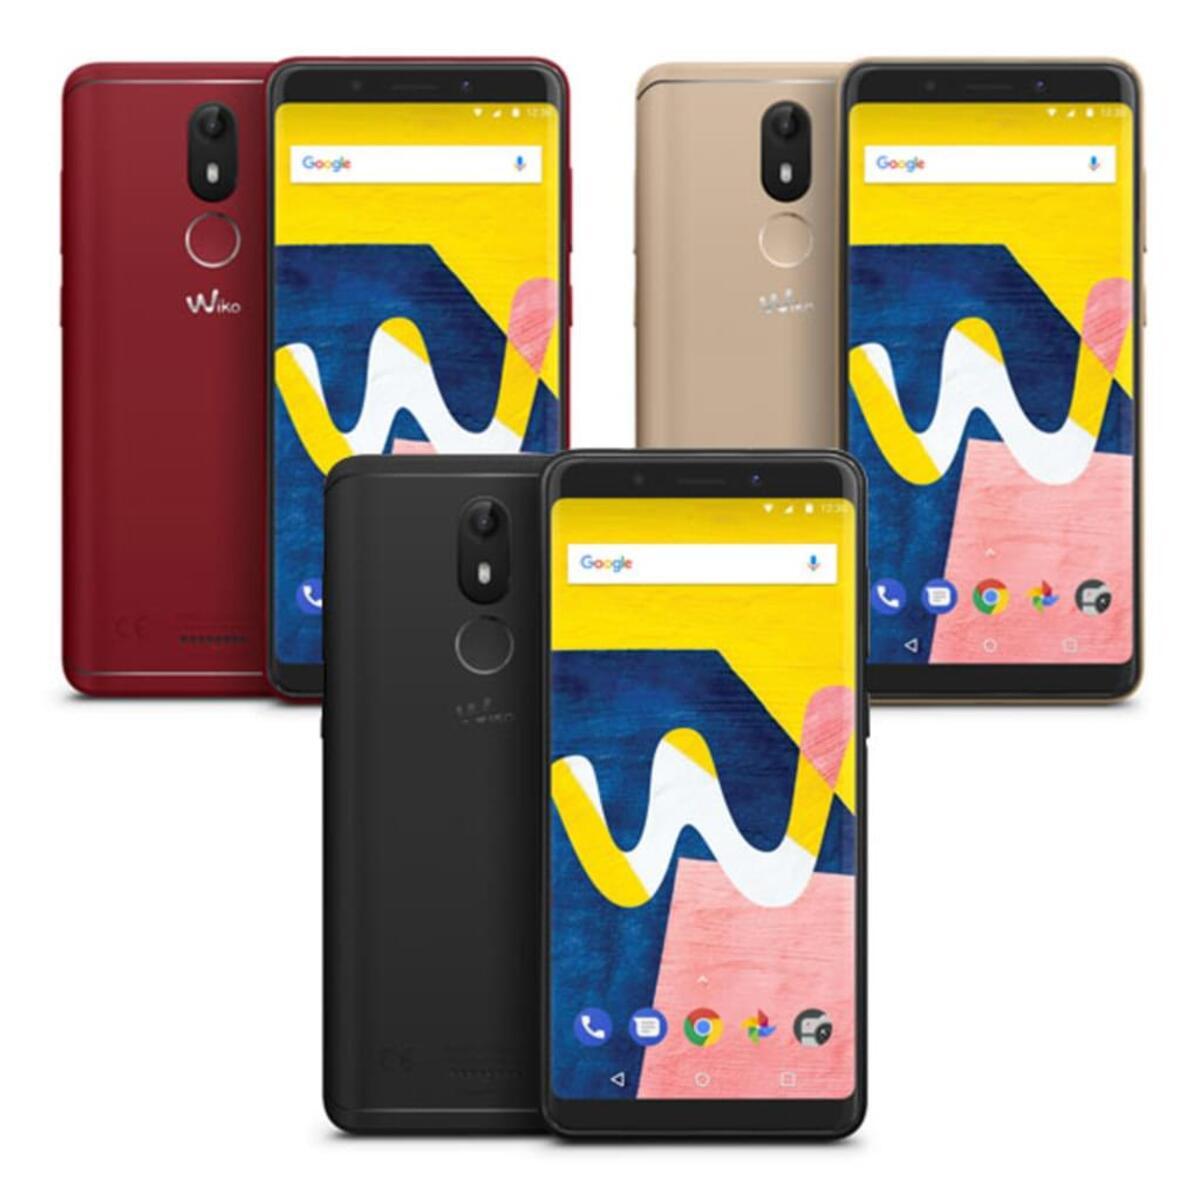 Bild 4 von Wiko View Lite 13,8cm (5,45 Zoll), 2GB, 16GB, 13MP, Android 8.1, Farbe: Anthrazit